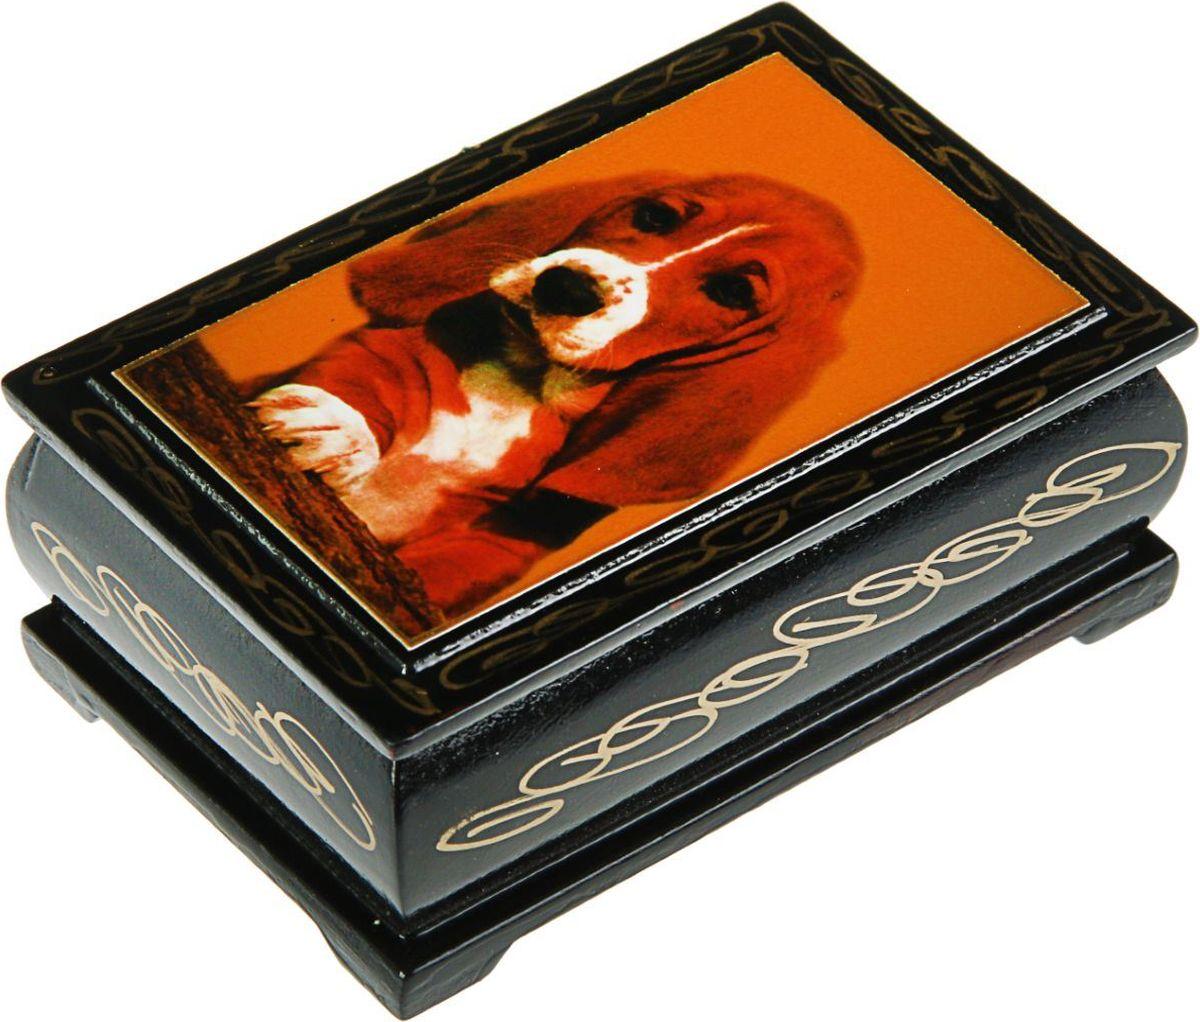 Шкатулка Sima-land Собаки. Лаковая миниатюра, цвет: черный, 6 см х 9 см. 24311412431139Шкатулка — это небольшой сувенир, а также оригинальная упаковка подарка. Она дополнит интерьер спальни, гостиной или прихожей. Изделие предназначено для хранения украшений: колец, браслетов, часов, цепочек, колье, сережек и прочих предметов.